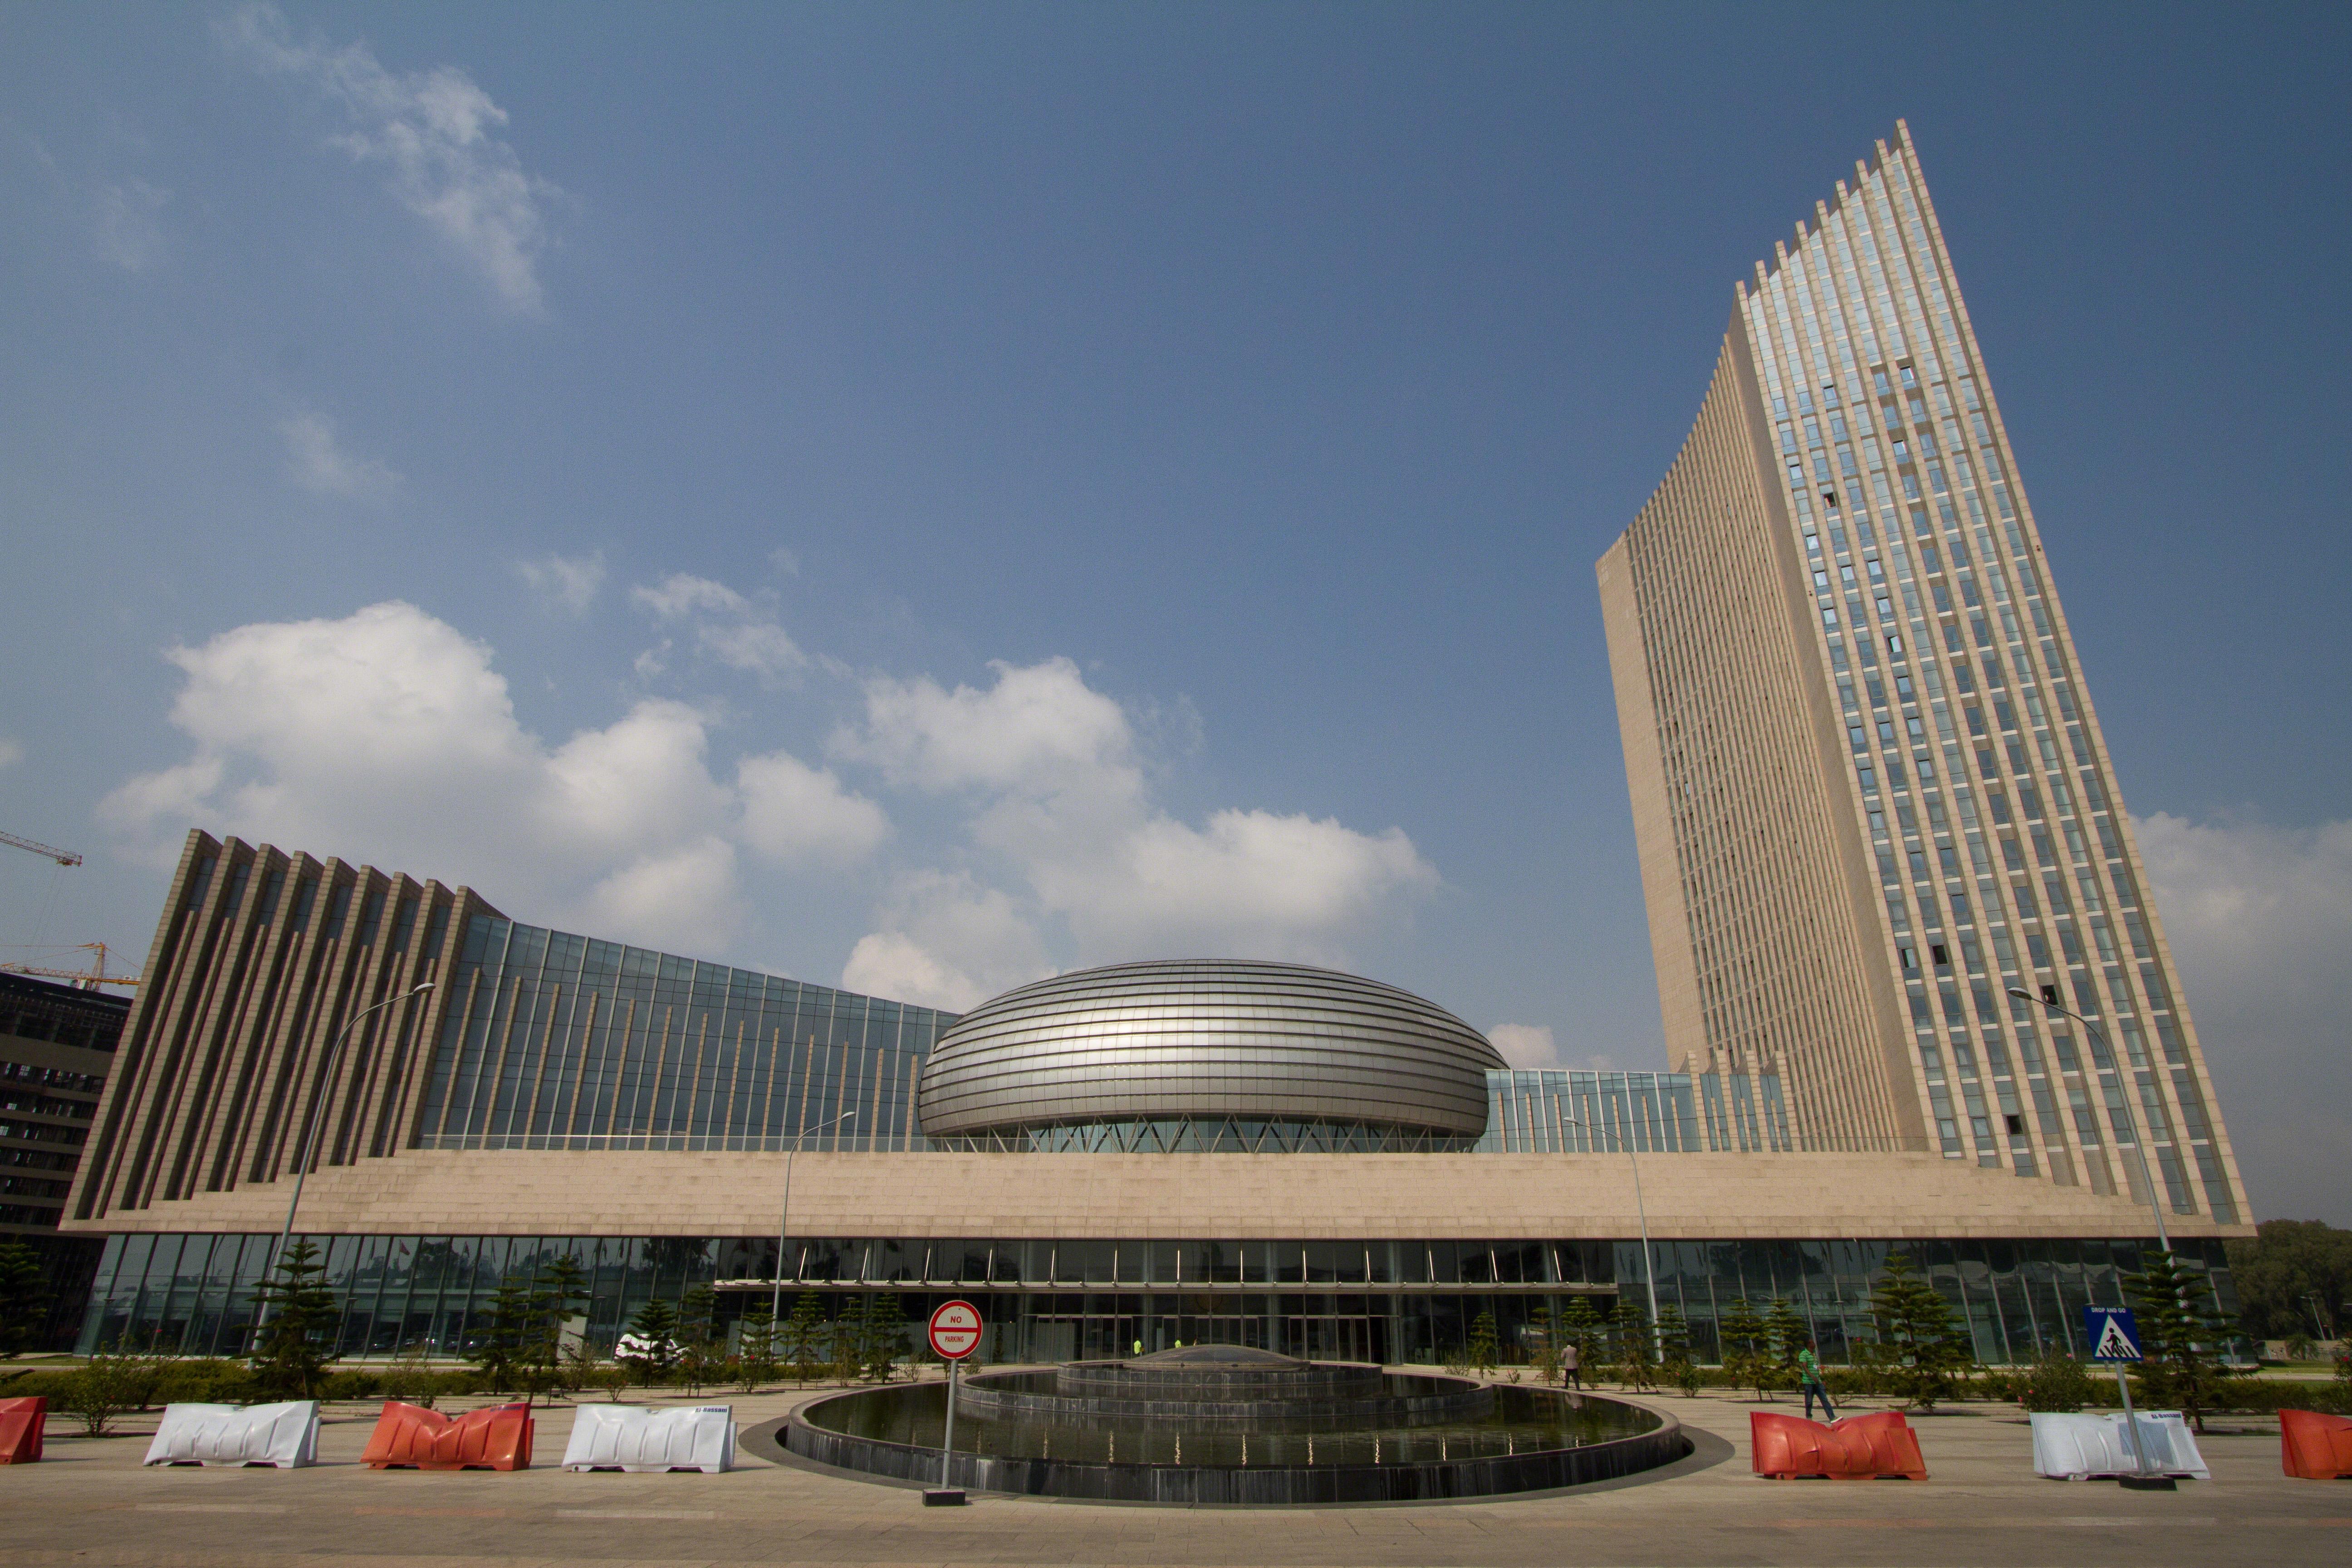 Der Hauptsitz der Afrikanischen Union im äthiopischen Addis Abeba ist ein Geschenk der Volksrepublik China.